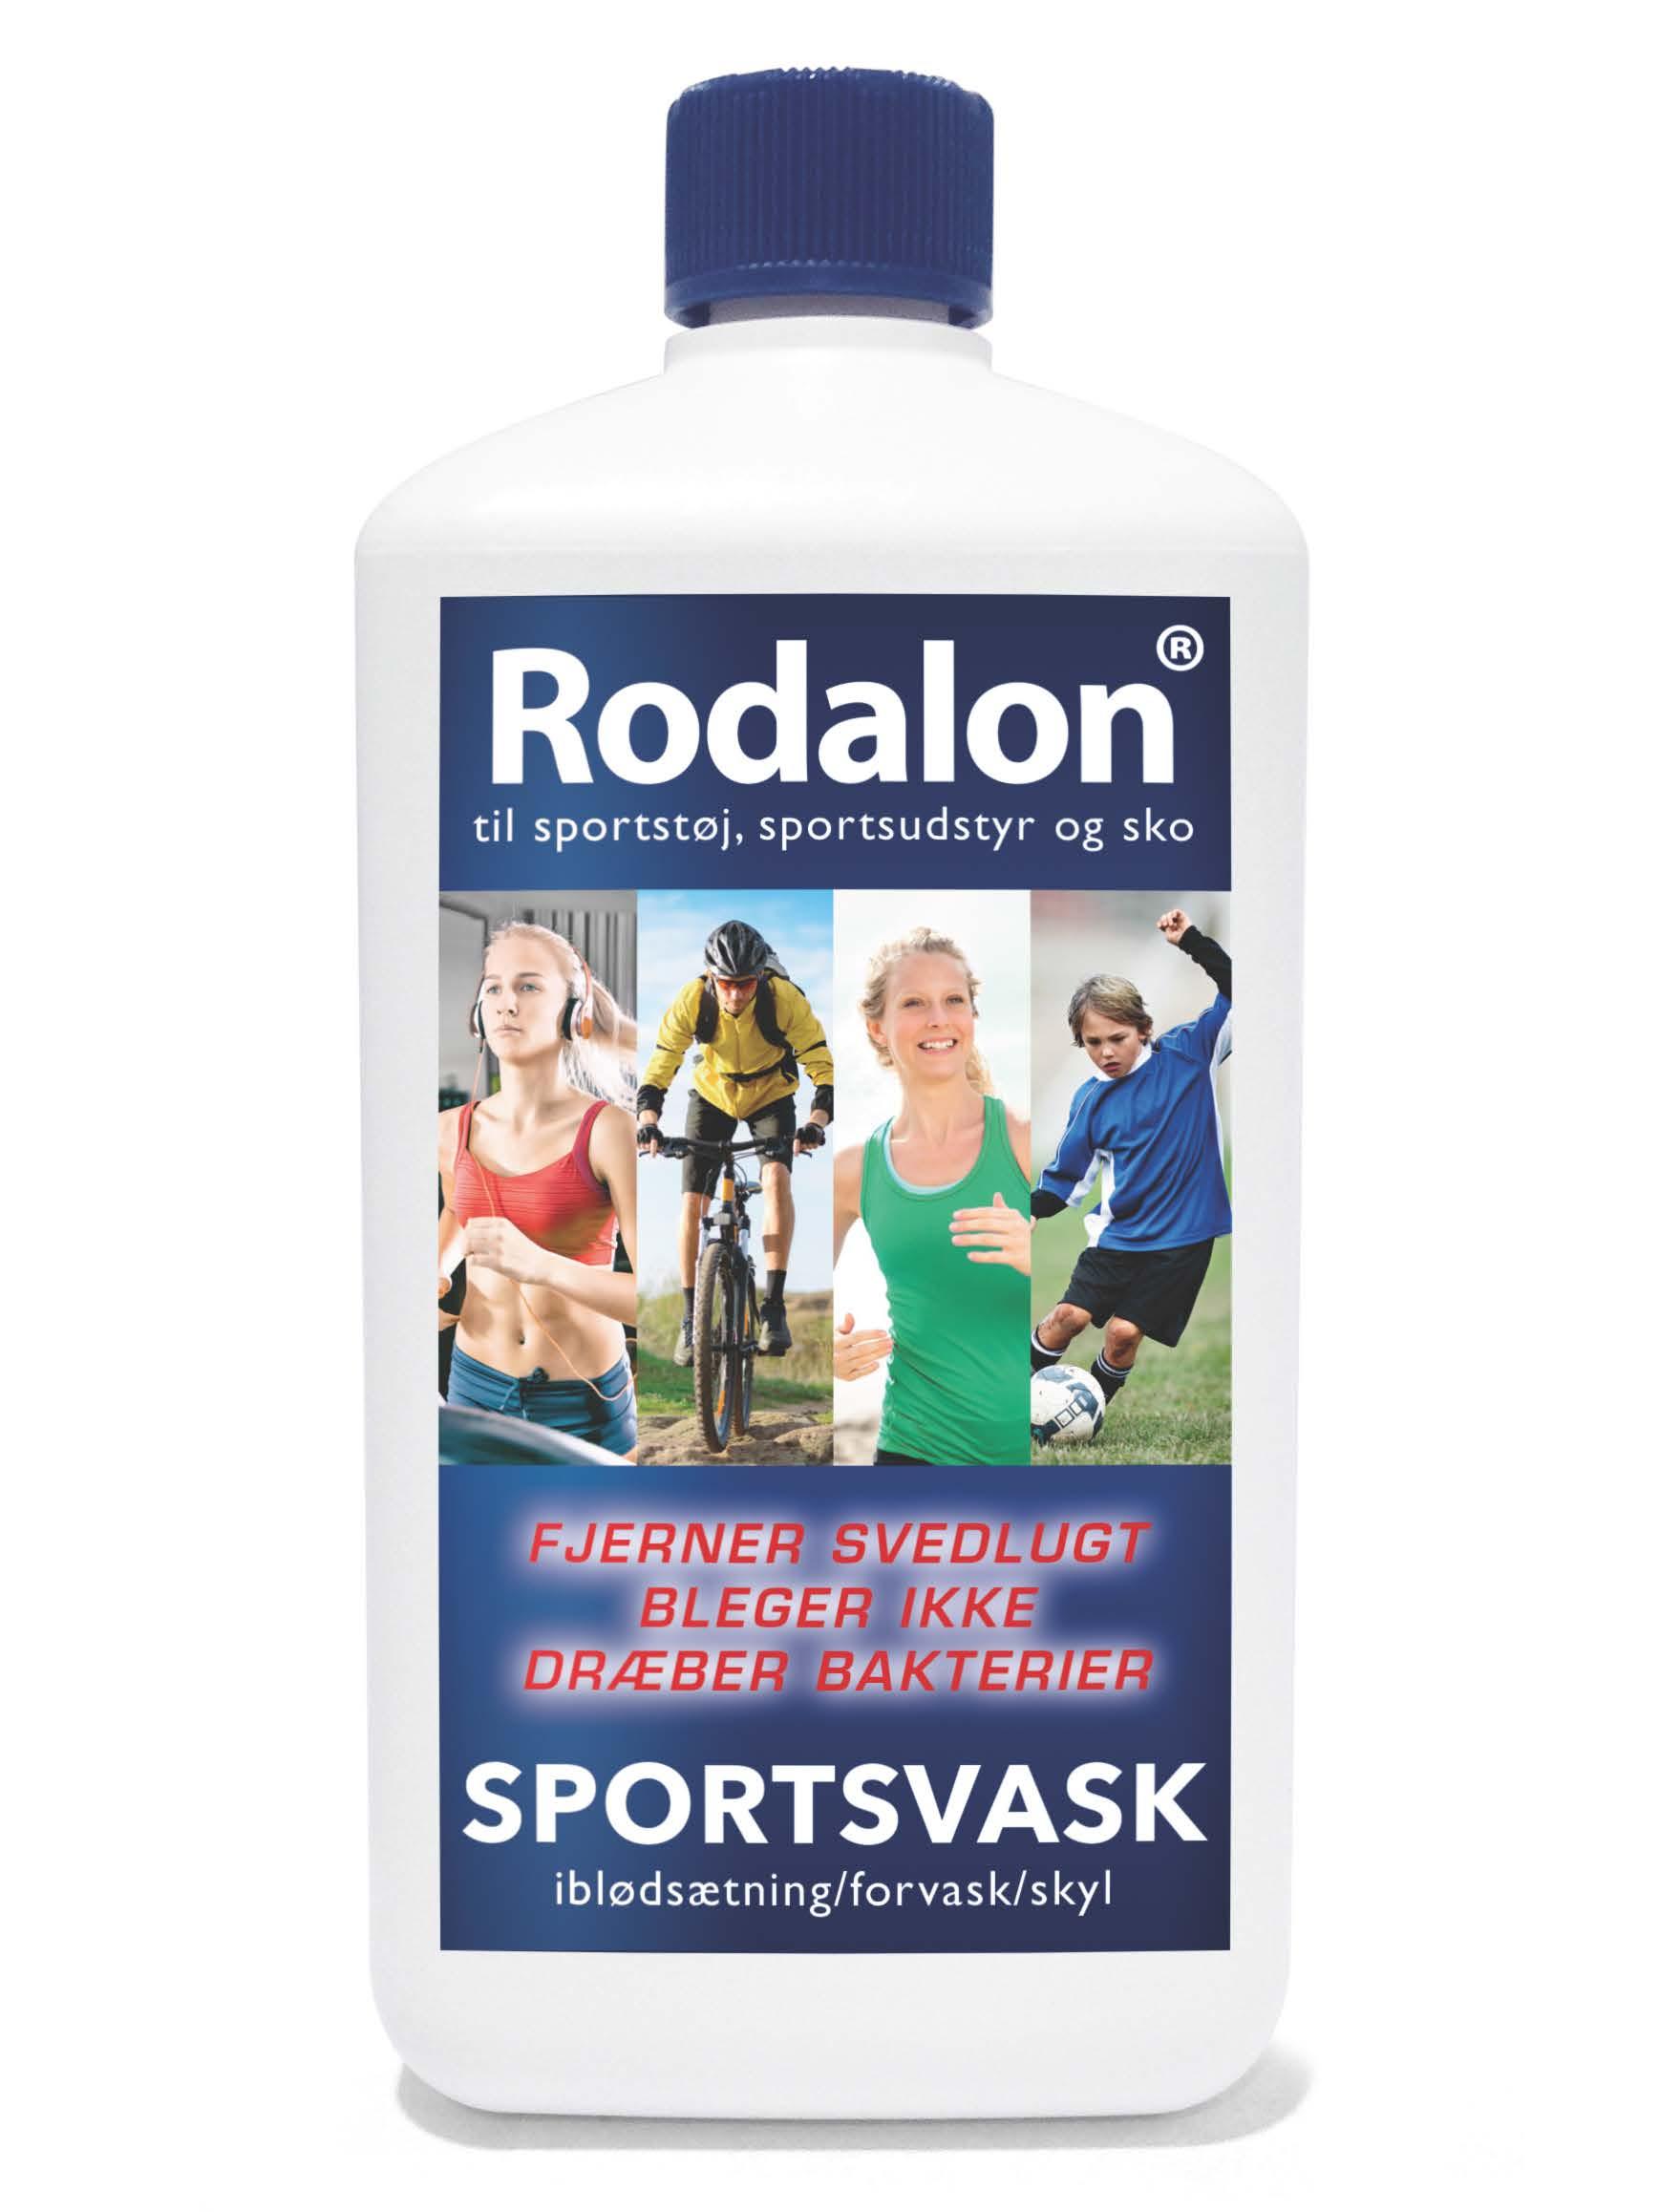 Rodalon tøj – Cykelhjelm med led lys